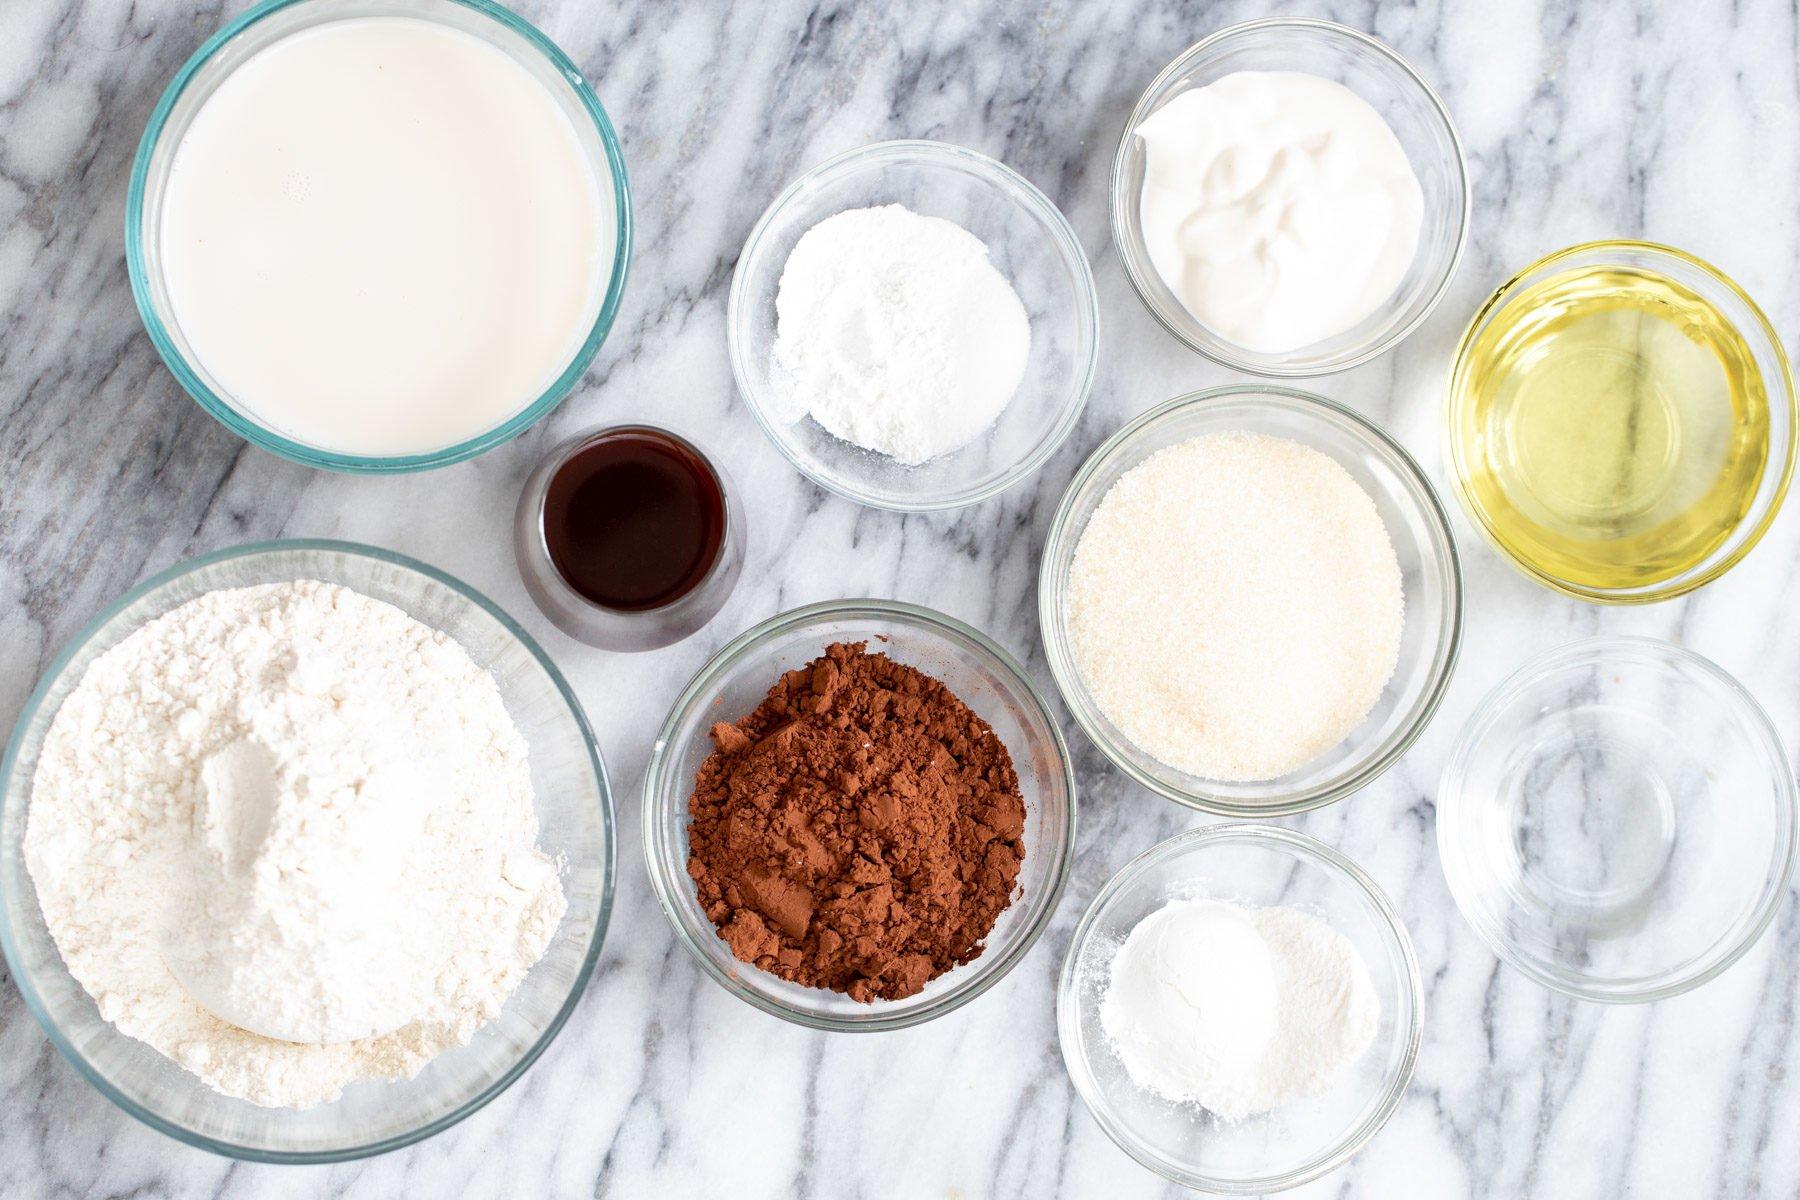 ingredients needed for making vegan German Chocolate Loaf Cakes